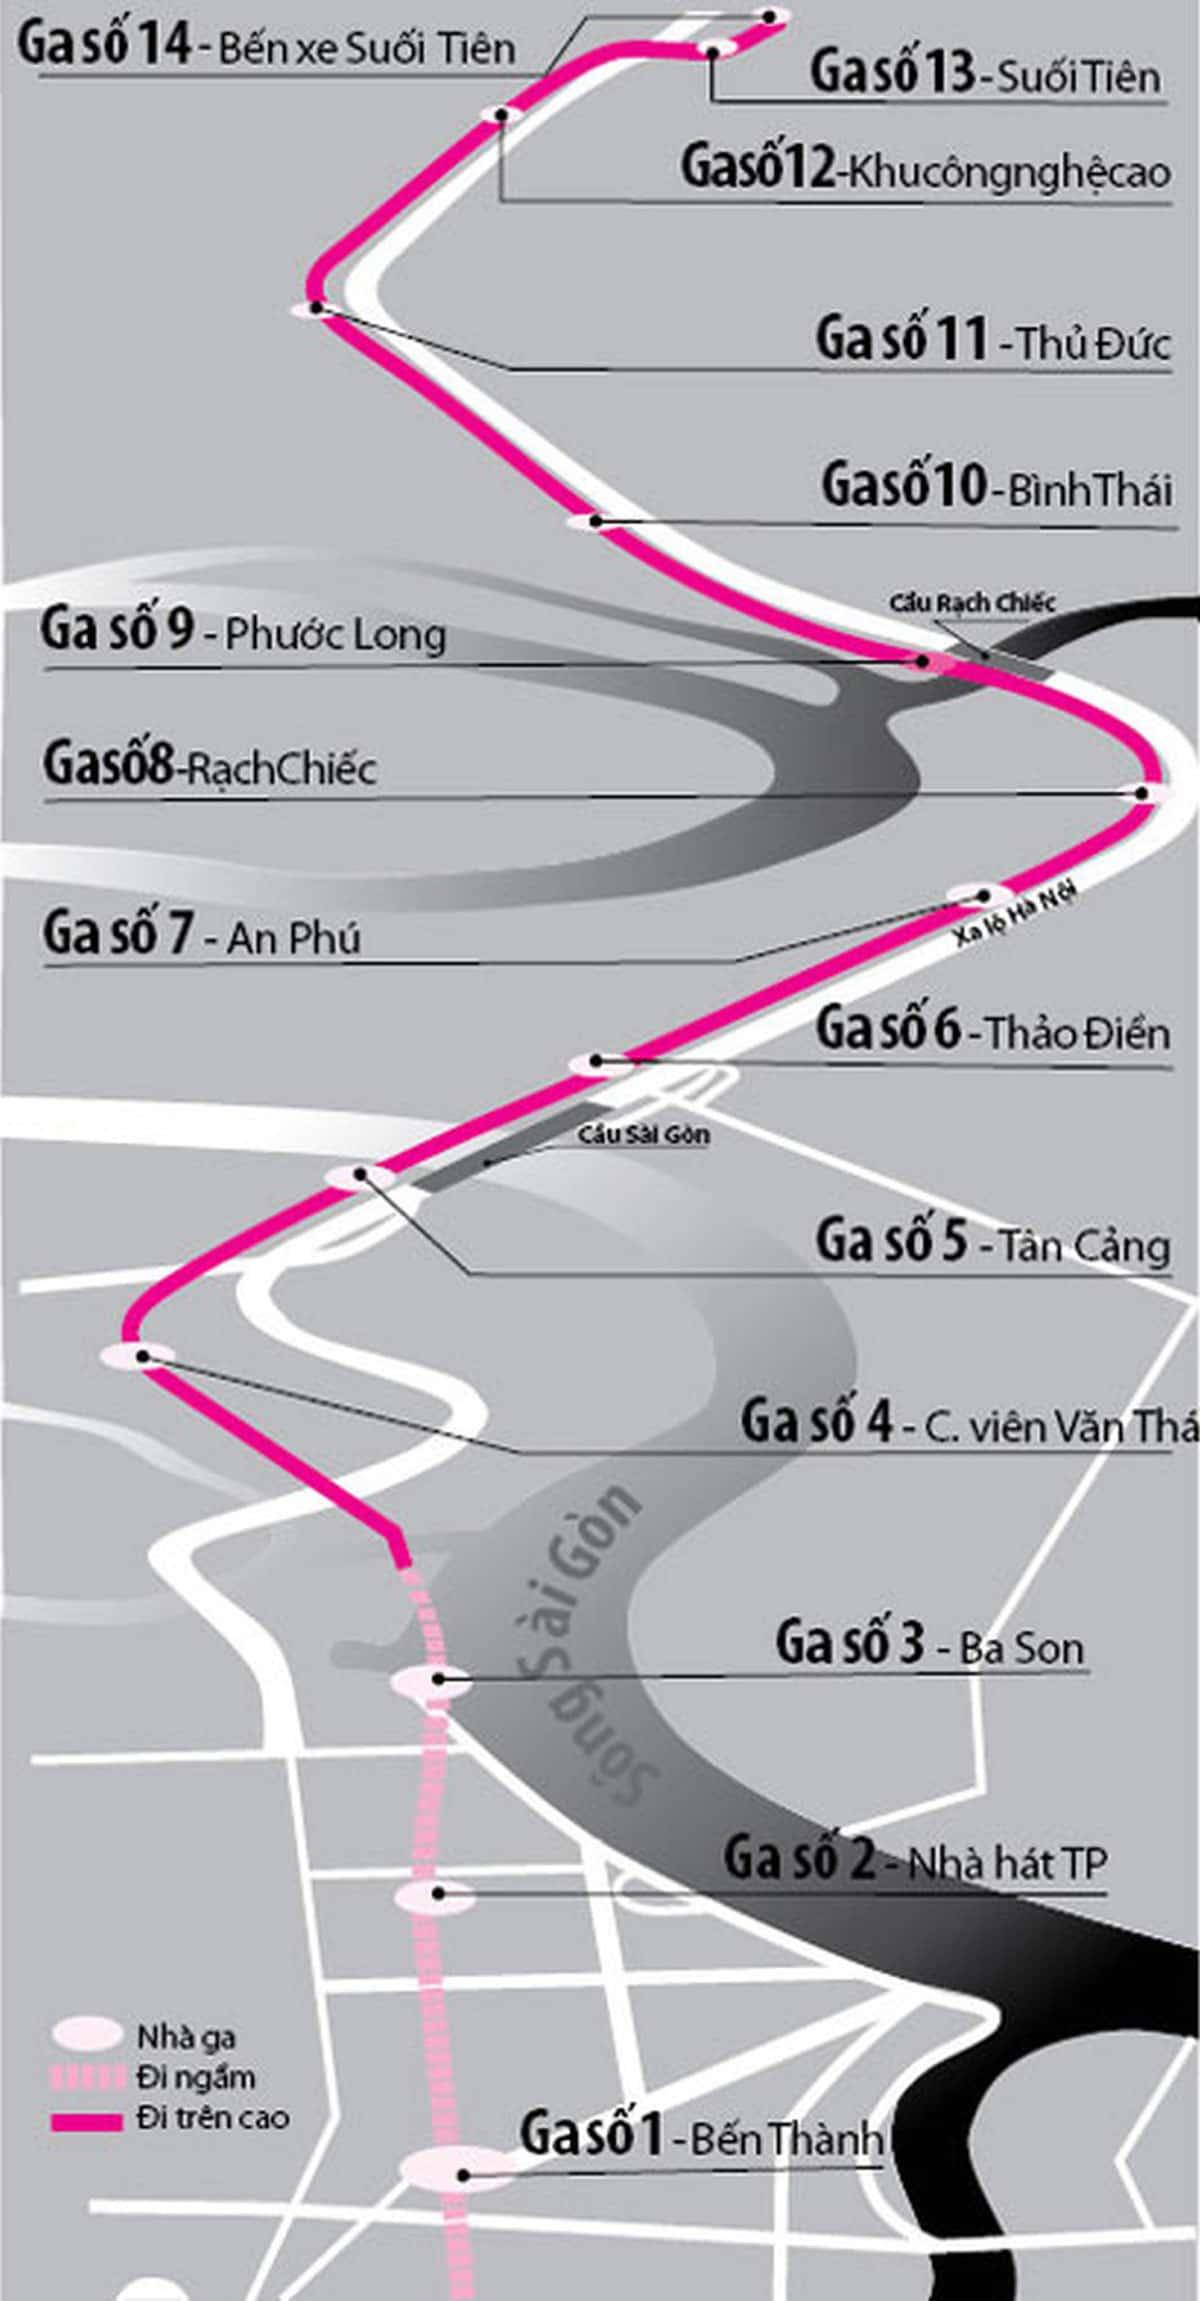 Tuyến metro số 1 Bến Thành - Suối Tiên đi qua những điểm du lịch nào? - Ảnh 1.